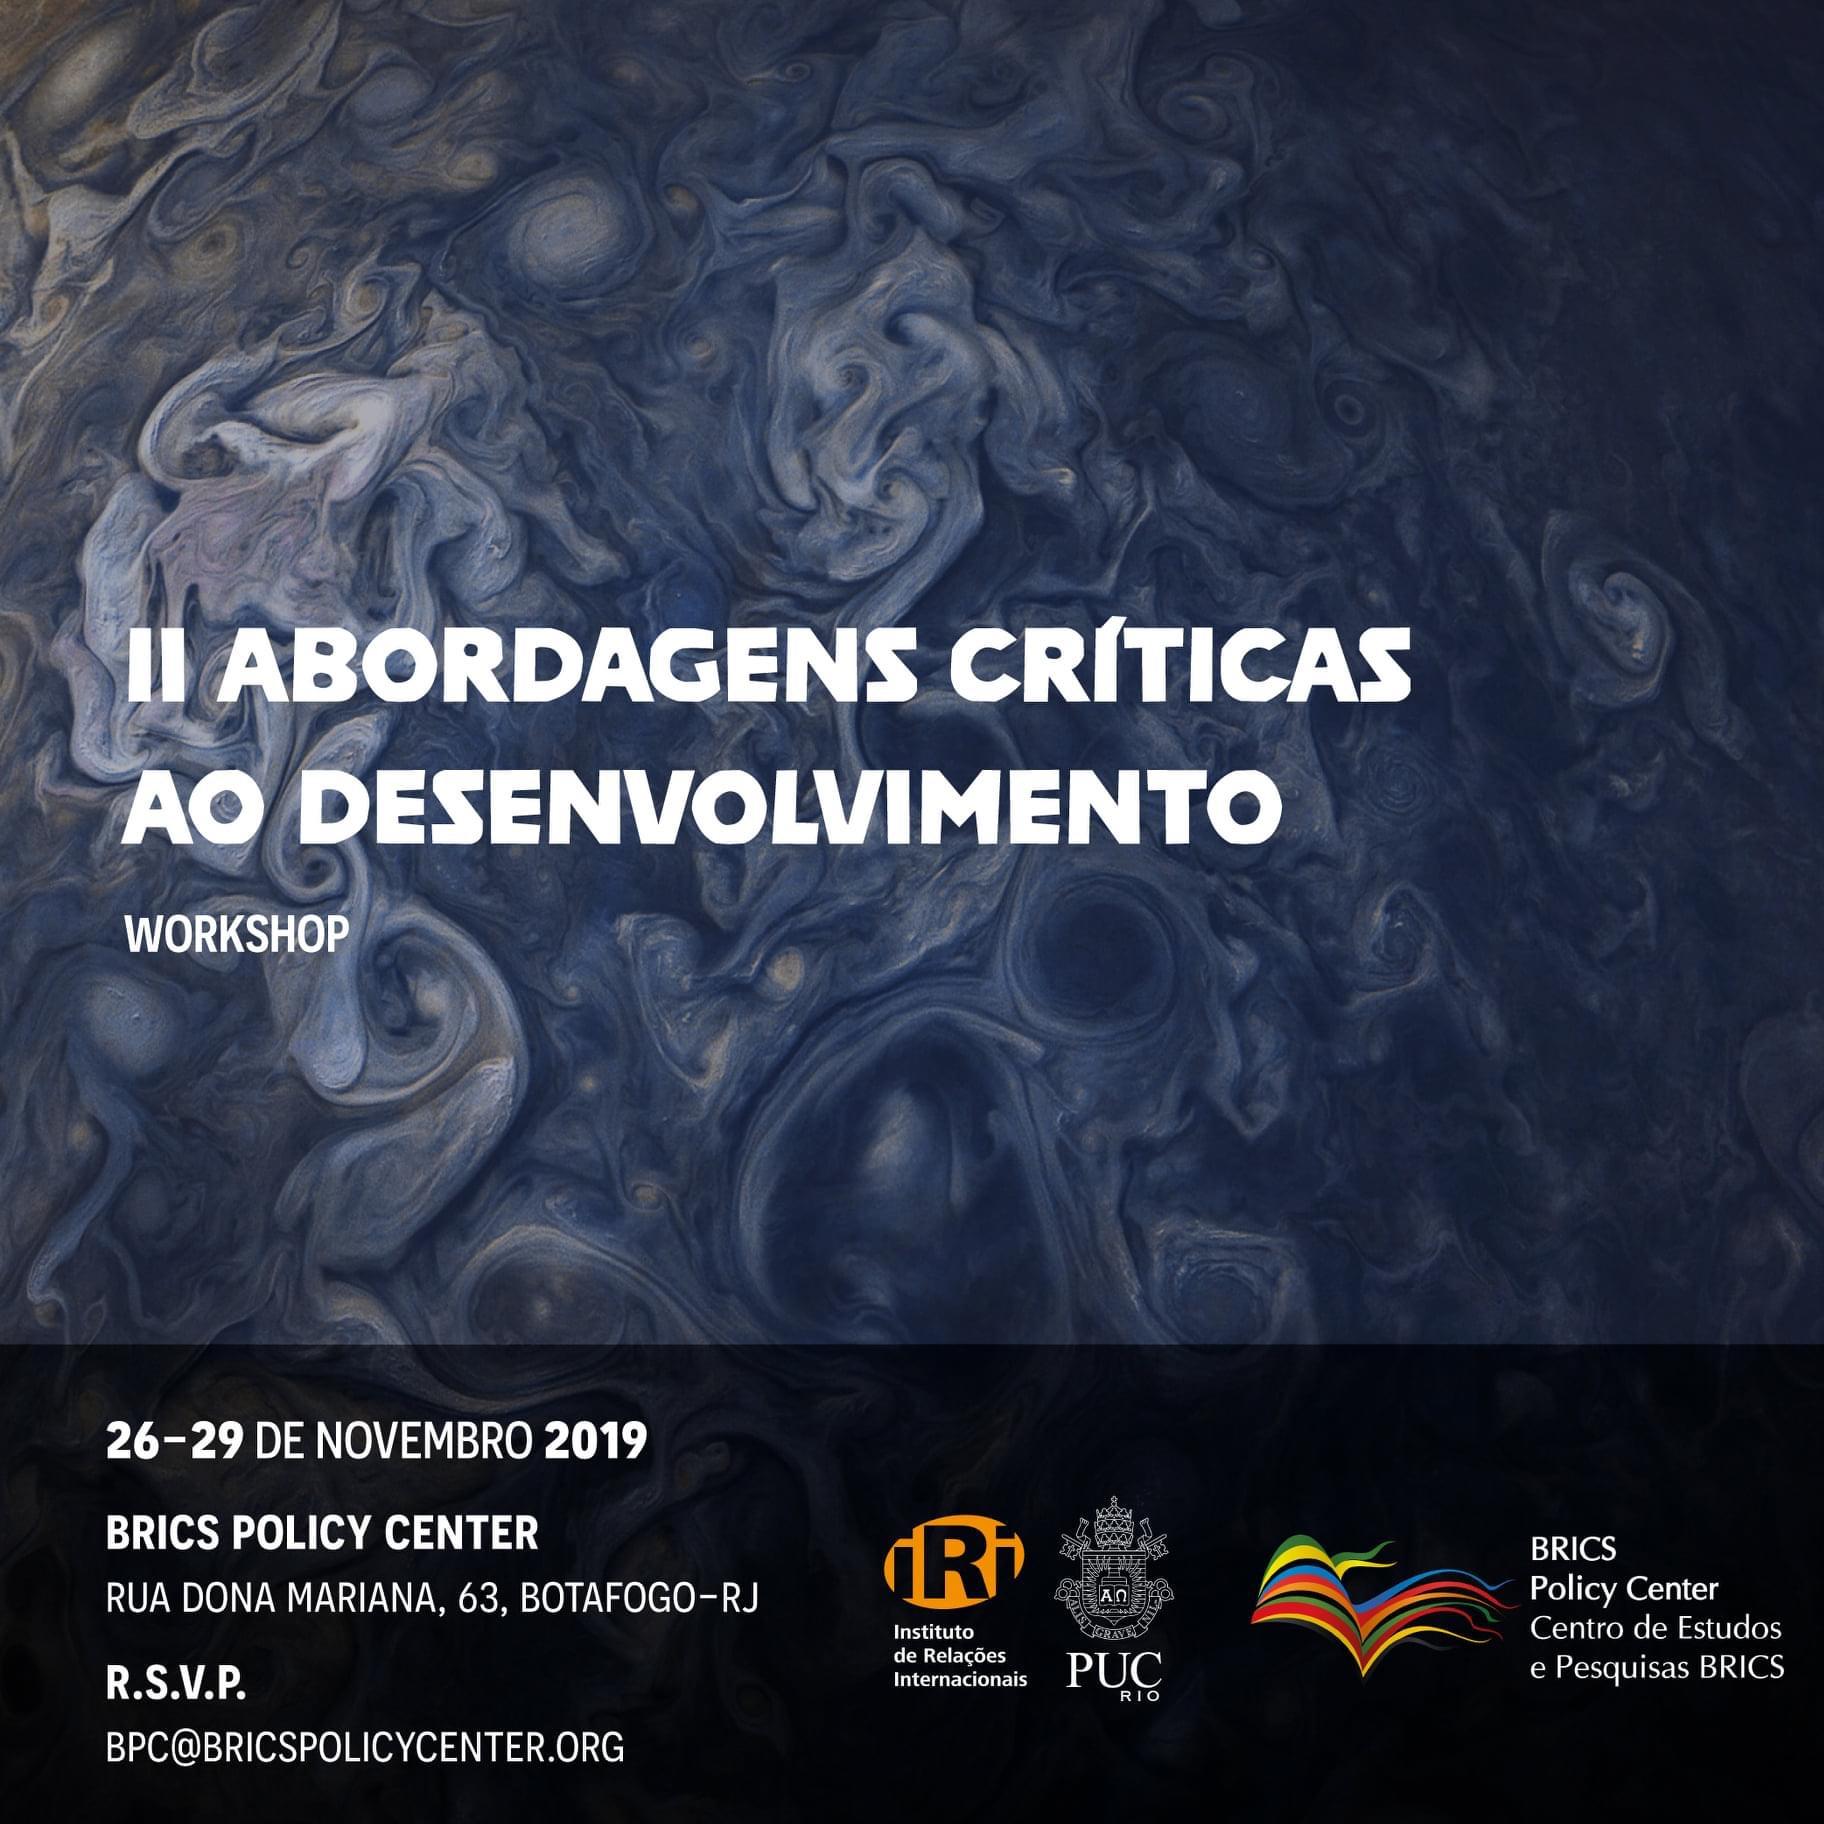 Abordagens Críticas ao Desenvolvimento 2019